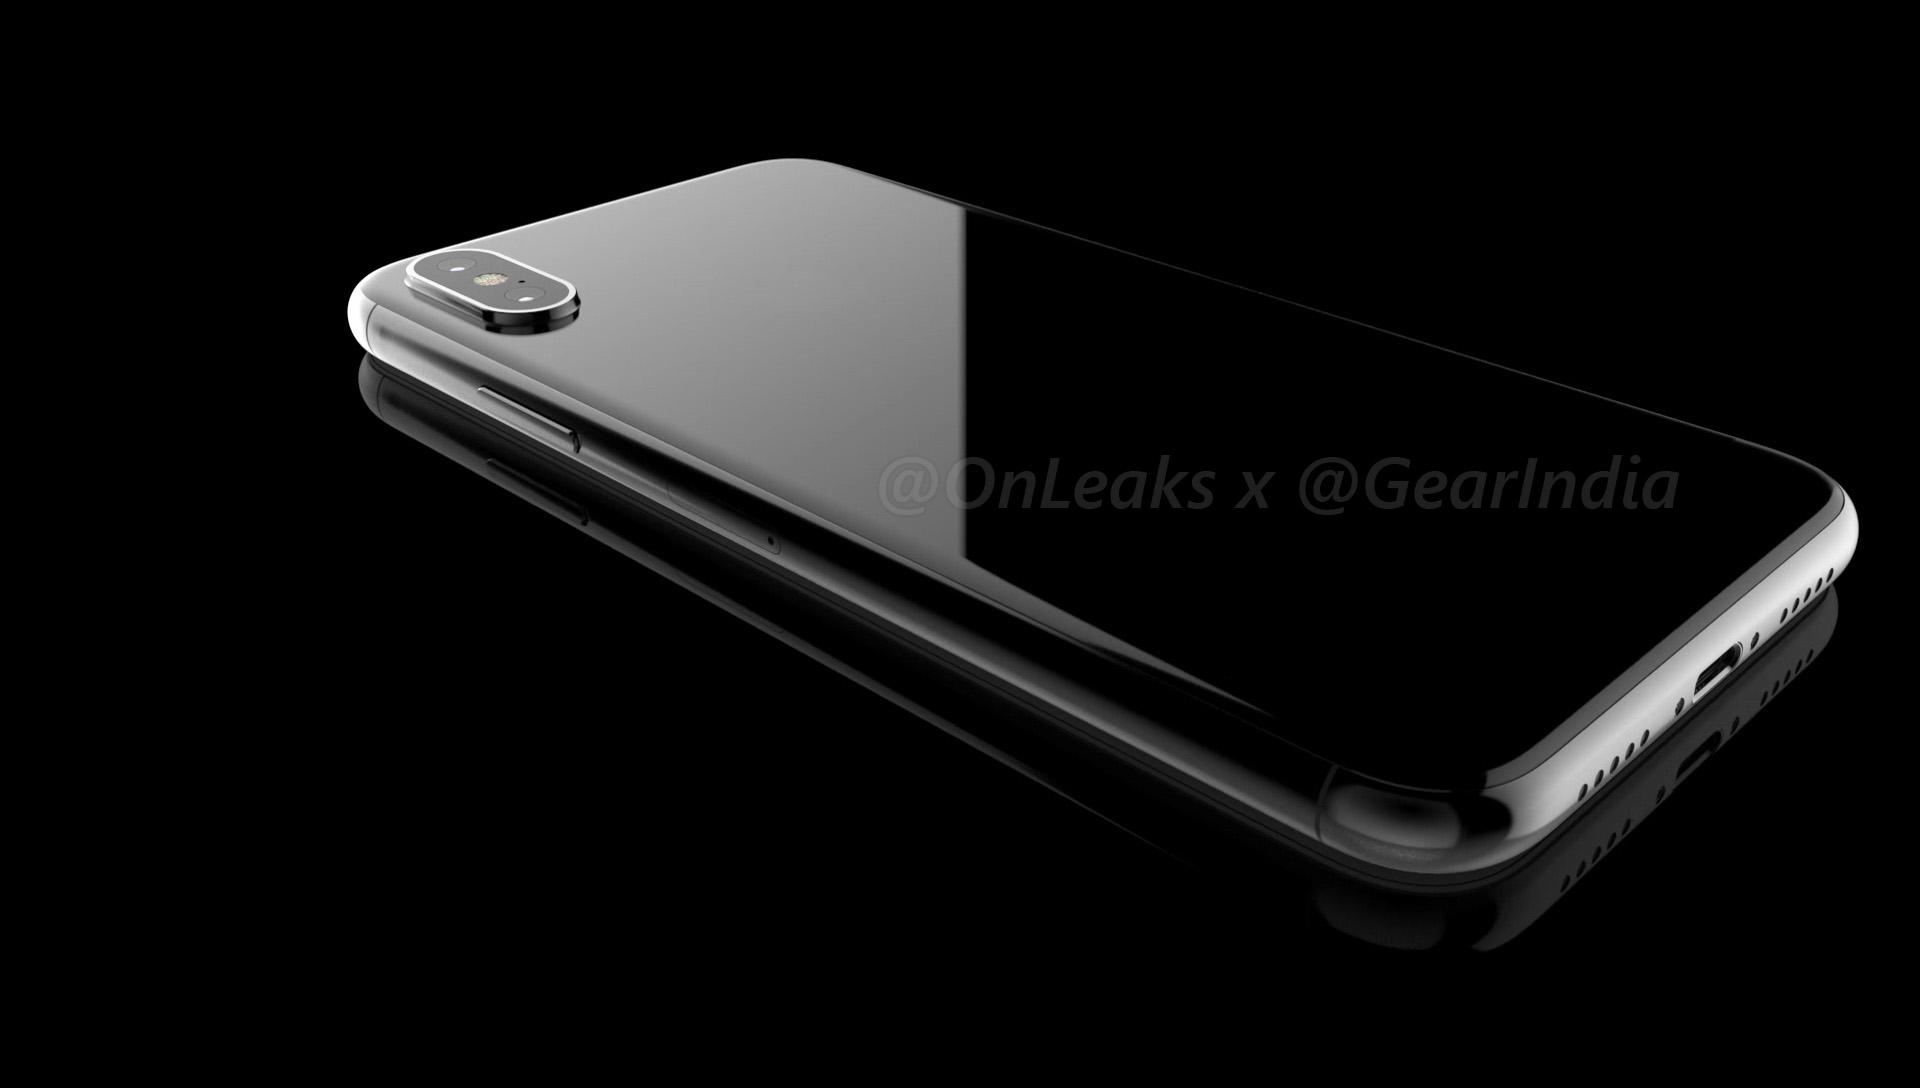 L'iPhone 8 et son écran sans bordures se montrent en images et en vidéo